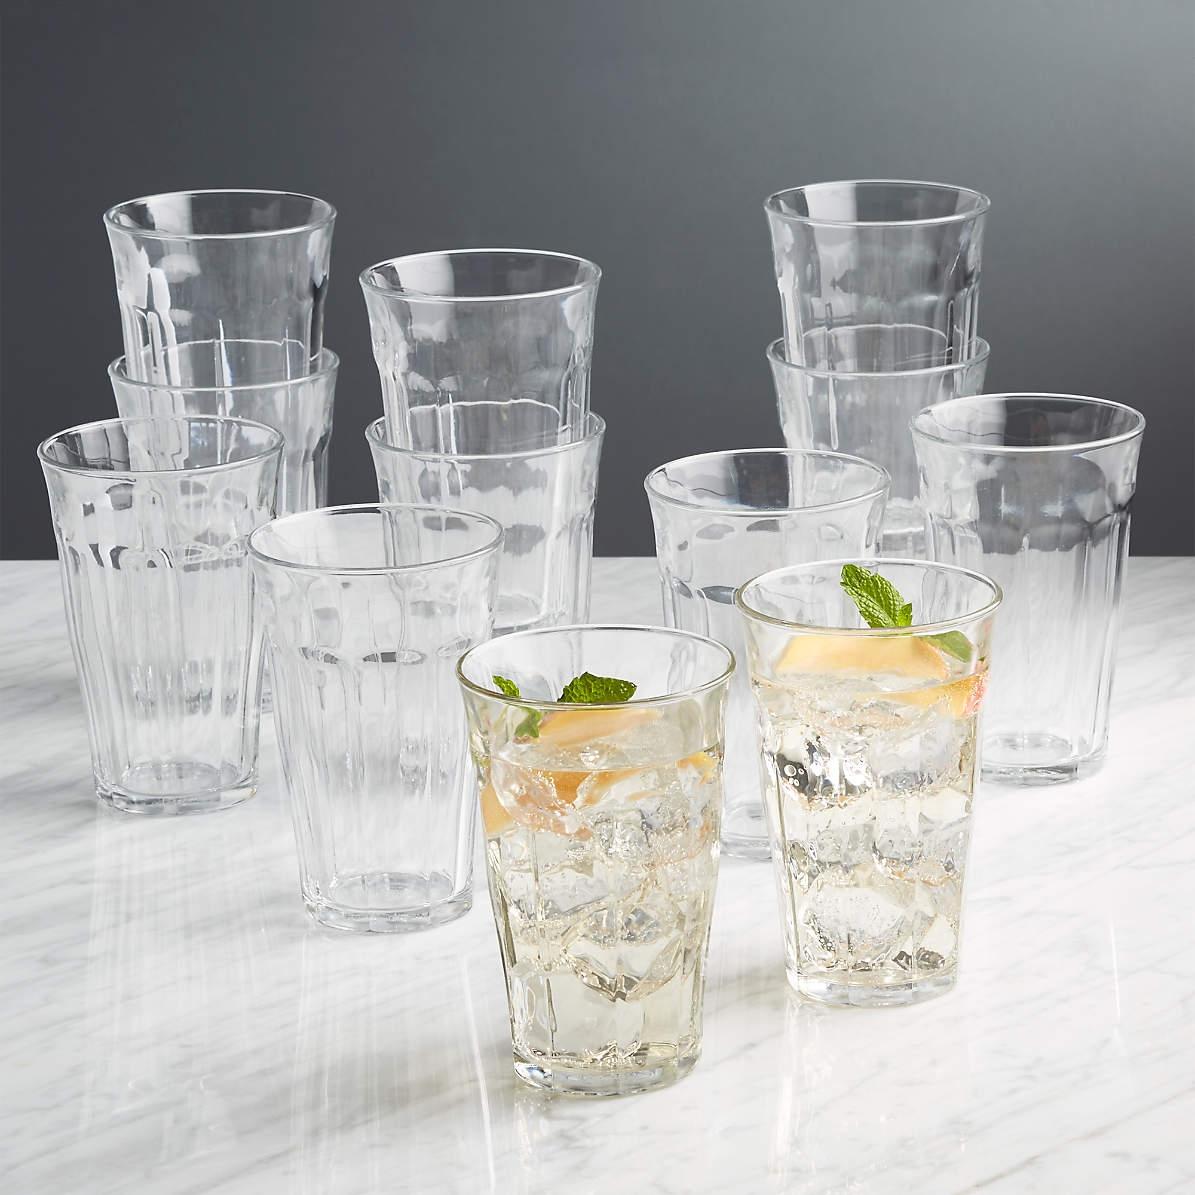 Stackable Glassware